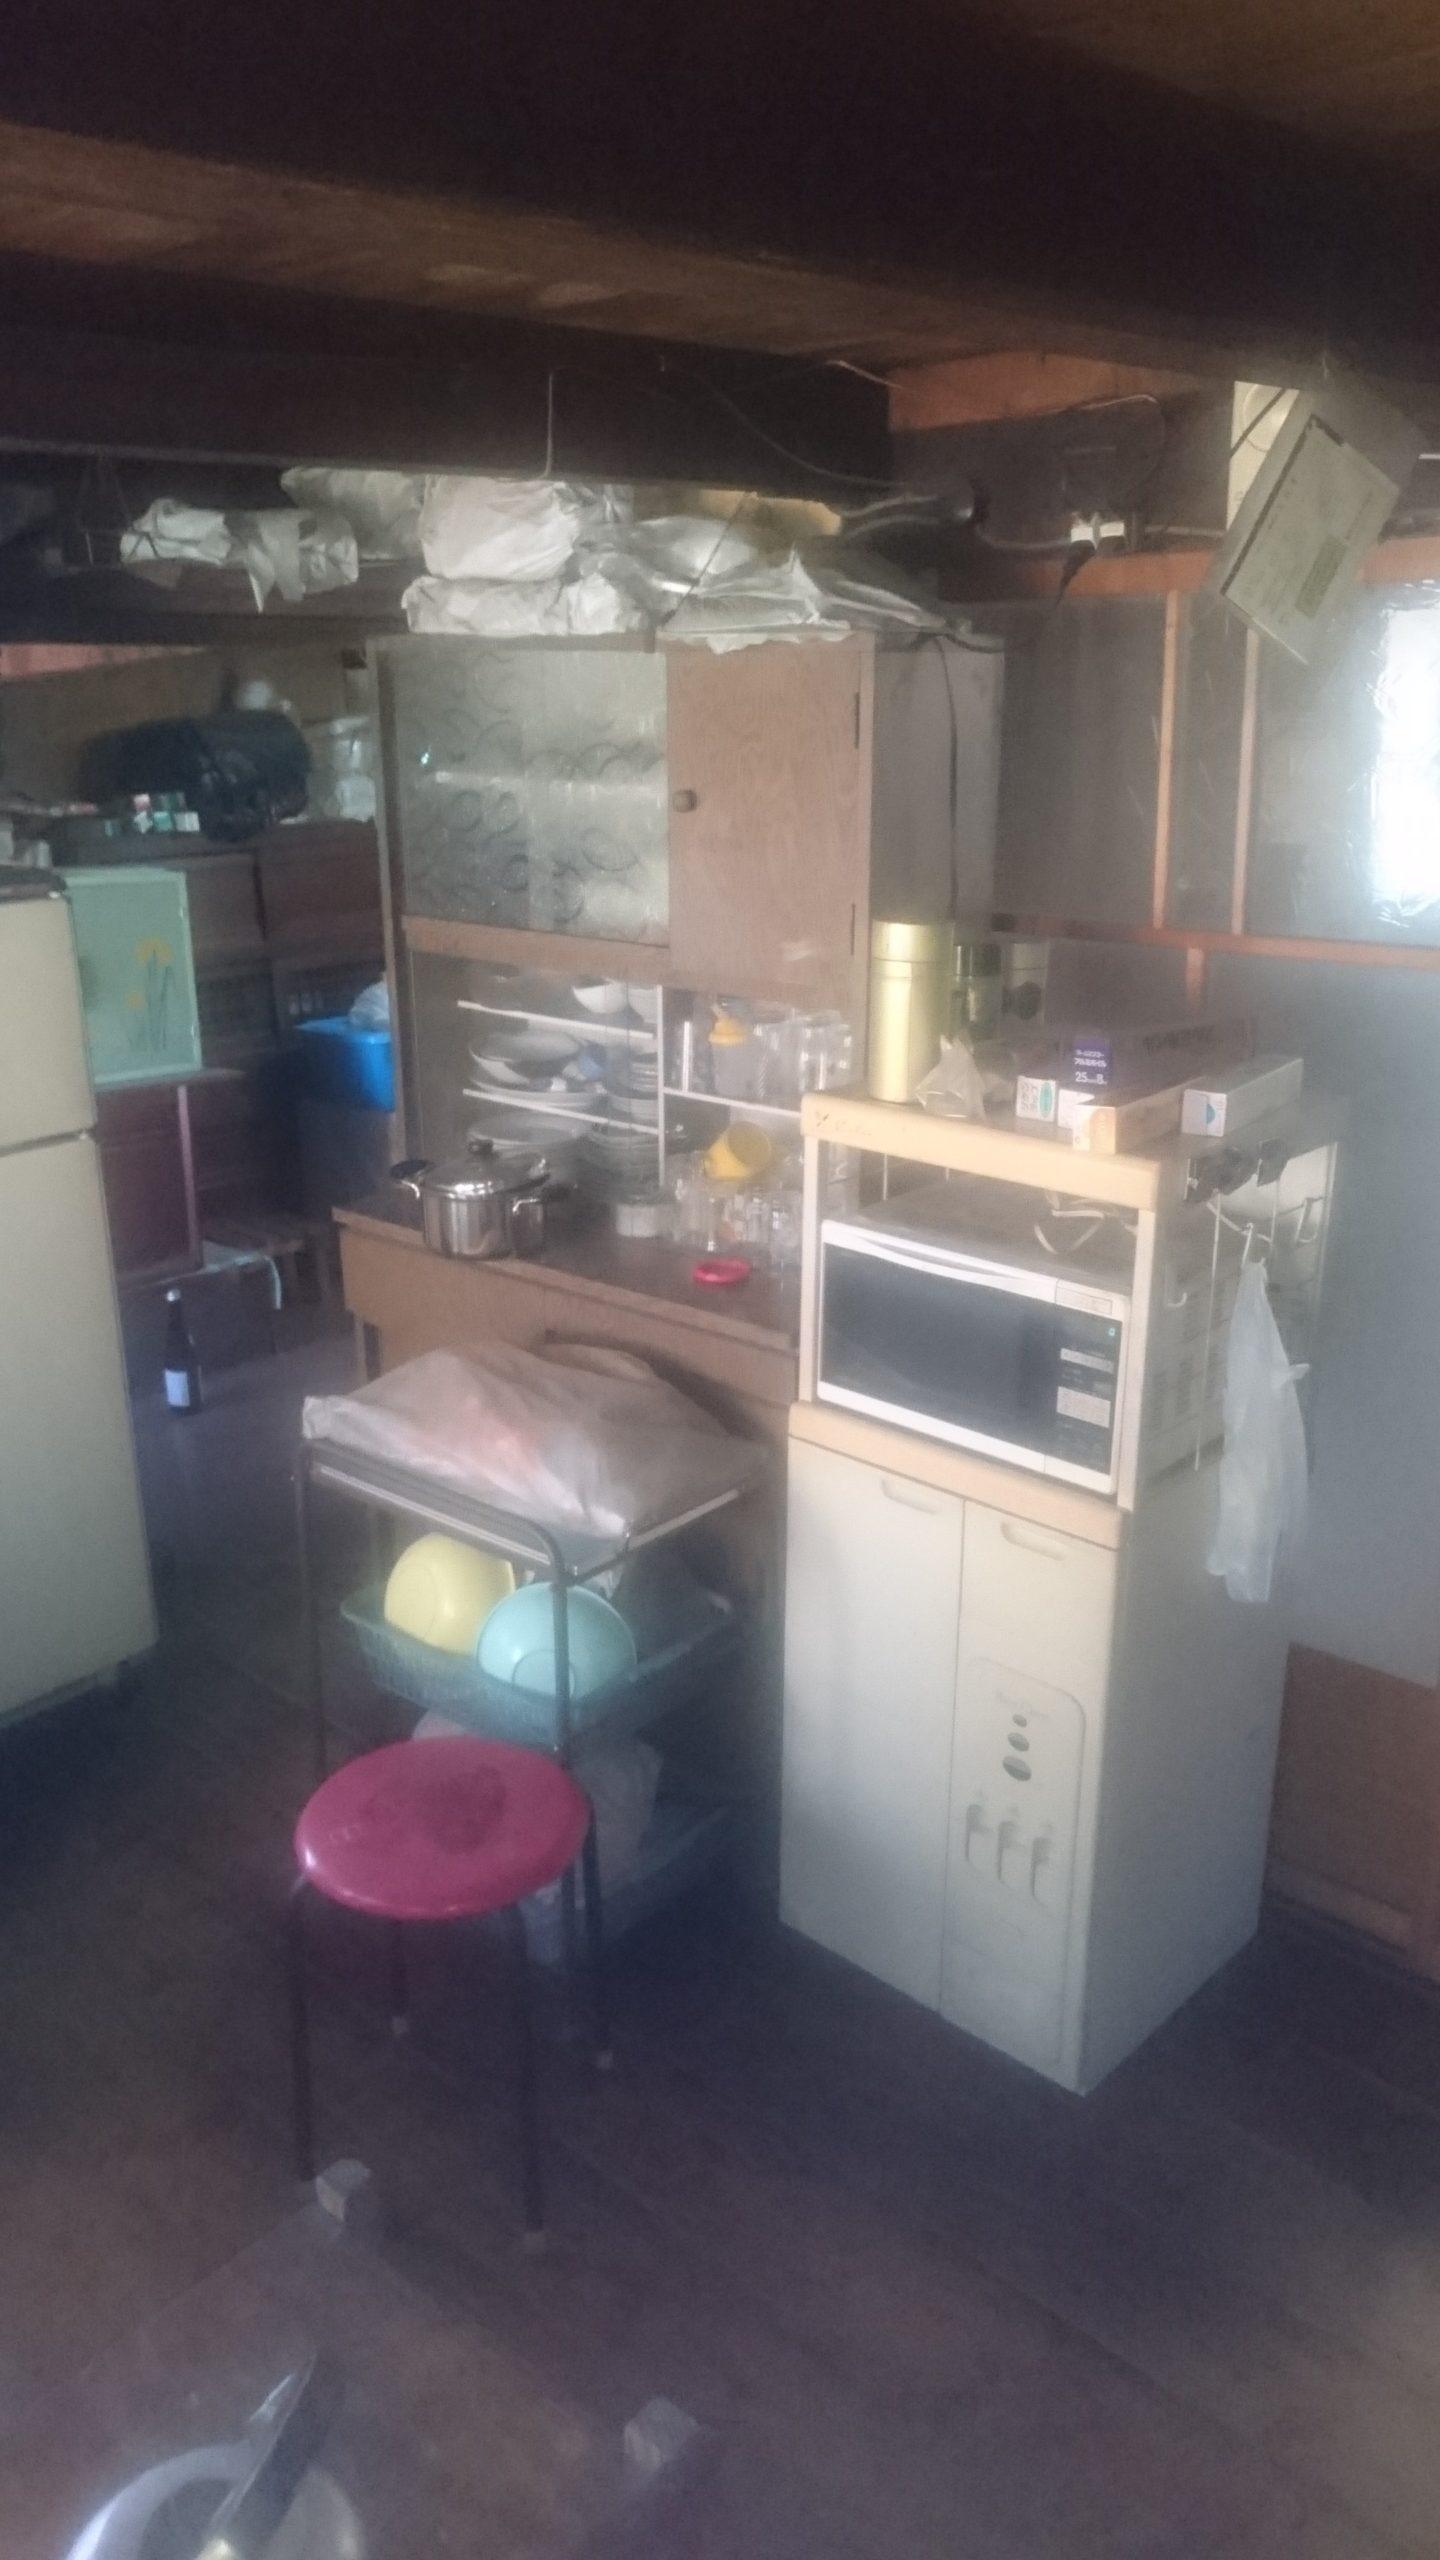 【愛知県名古屋市緑区】食器棚やレンジ台などの回収